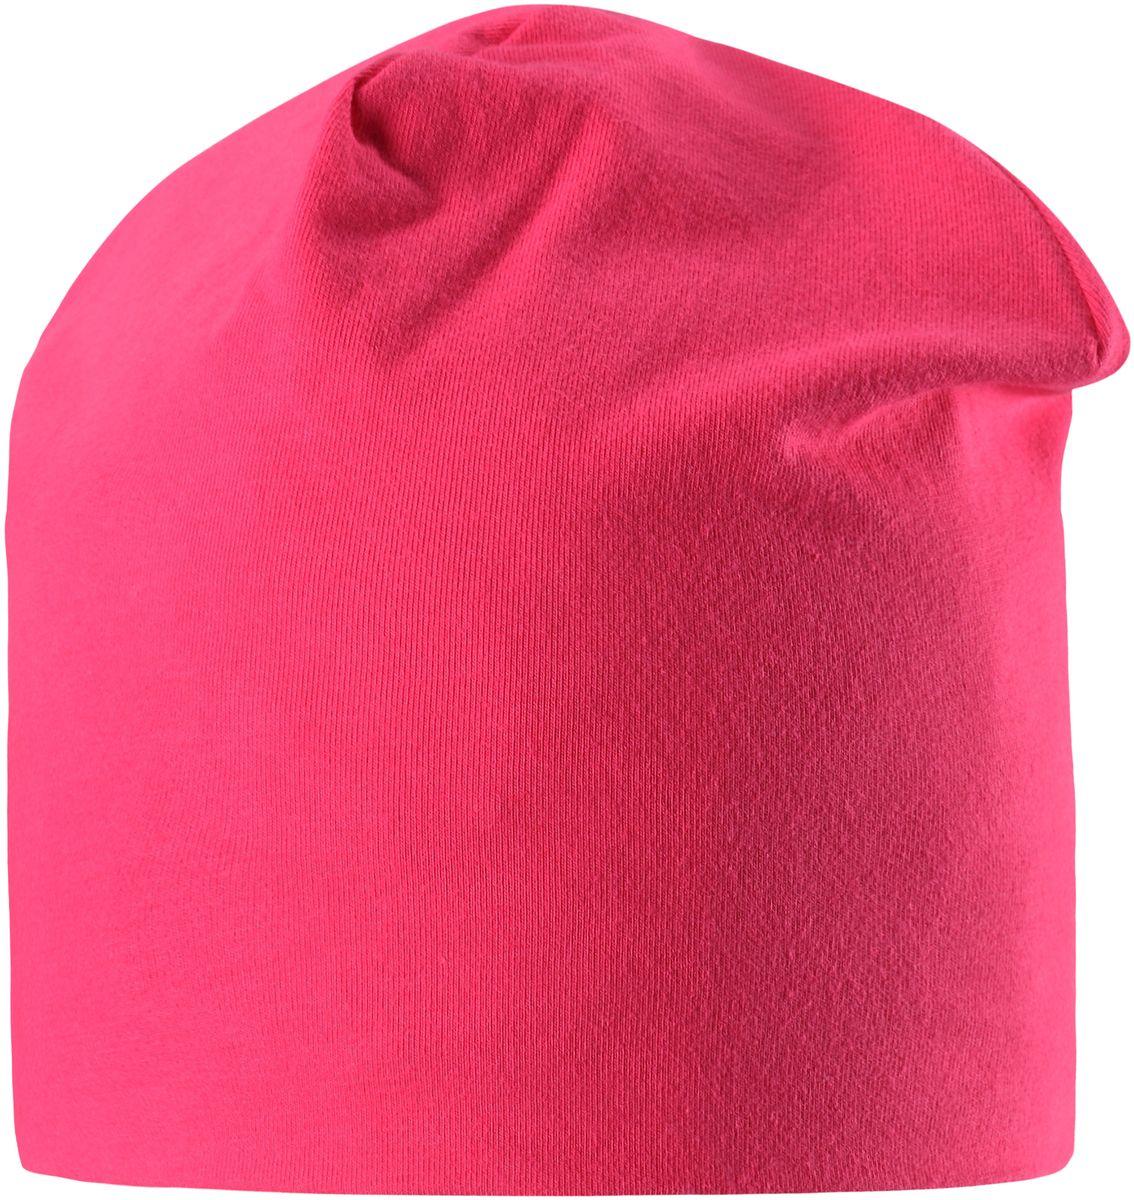 Шапка детская7287043400Легкая и удобная детская шапка в нескольких вариантах разных однотонных расцветок и ярких принтов. Шапка сделана из легкого и дышащего джерси на полной трикотажной подкладке из смеси хлопка и джерси. Ветронепроницаемые вставки в области ушей обеспечивают дополнительное утепление.